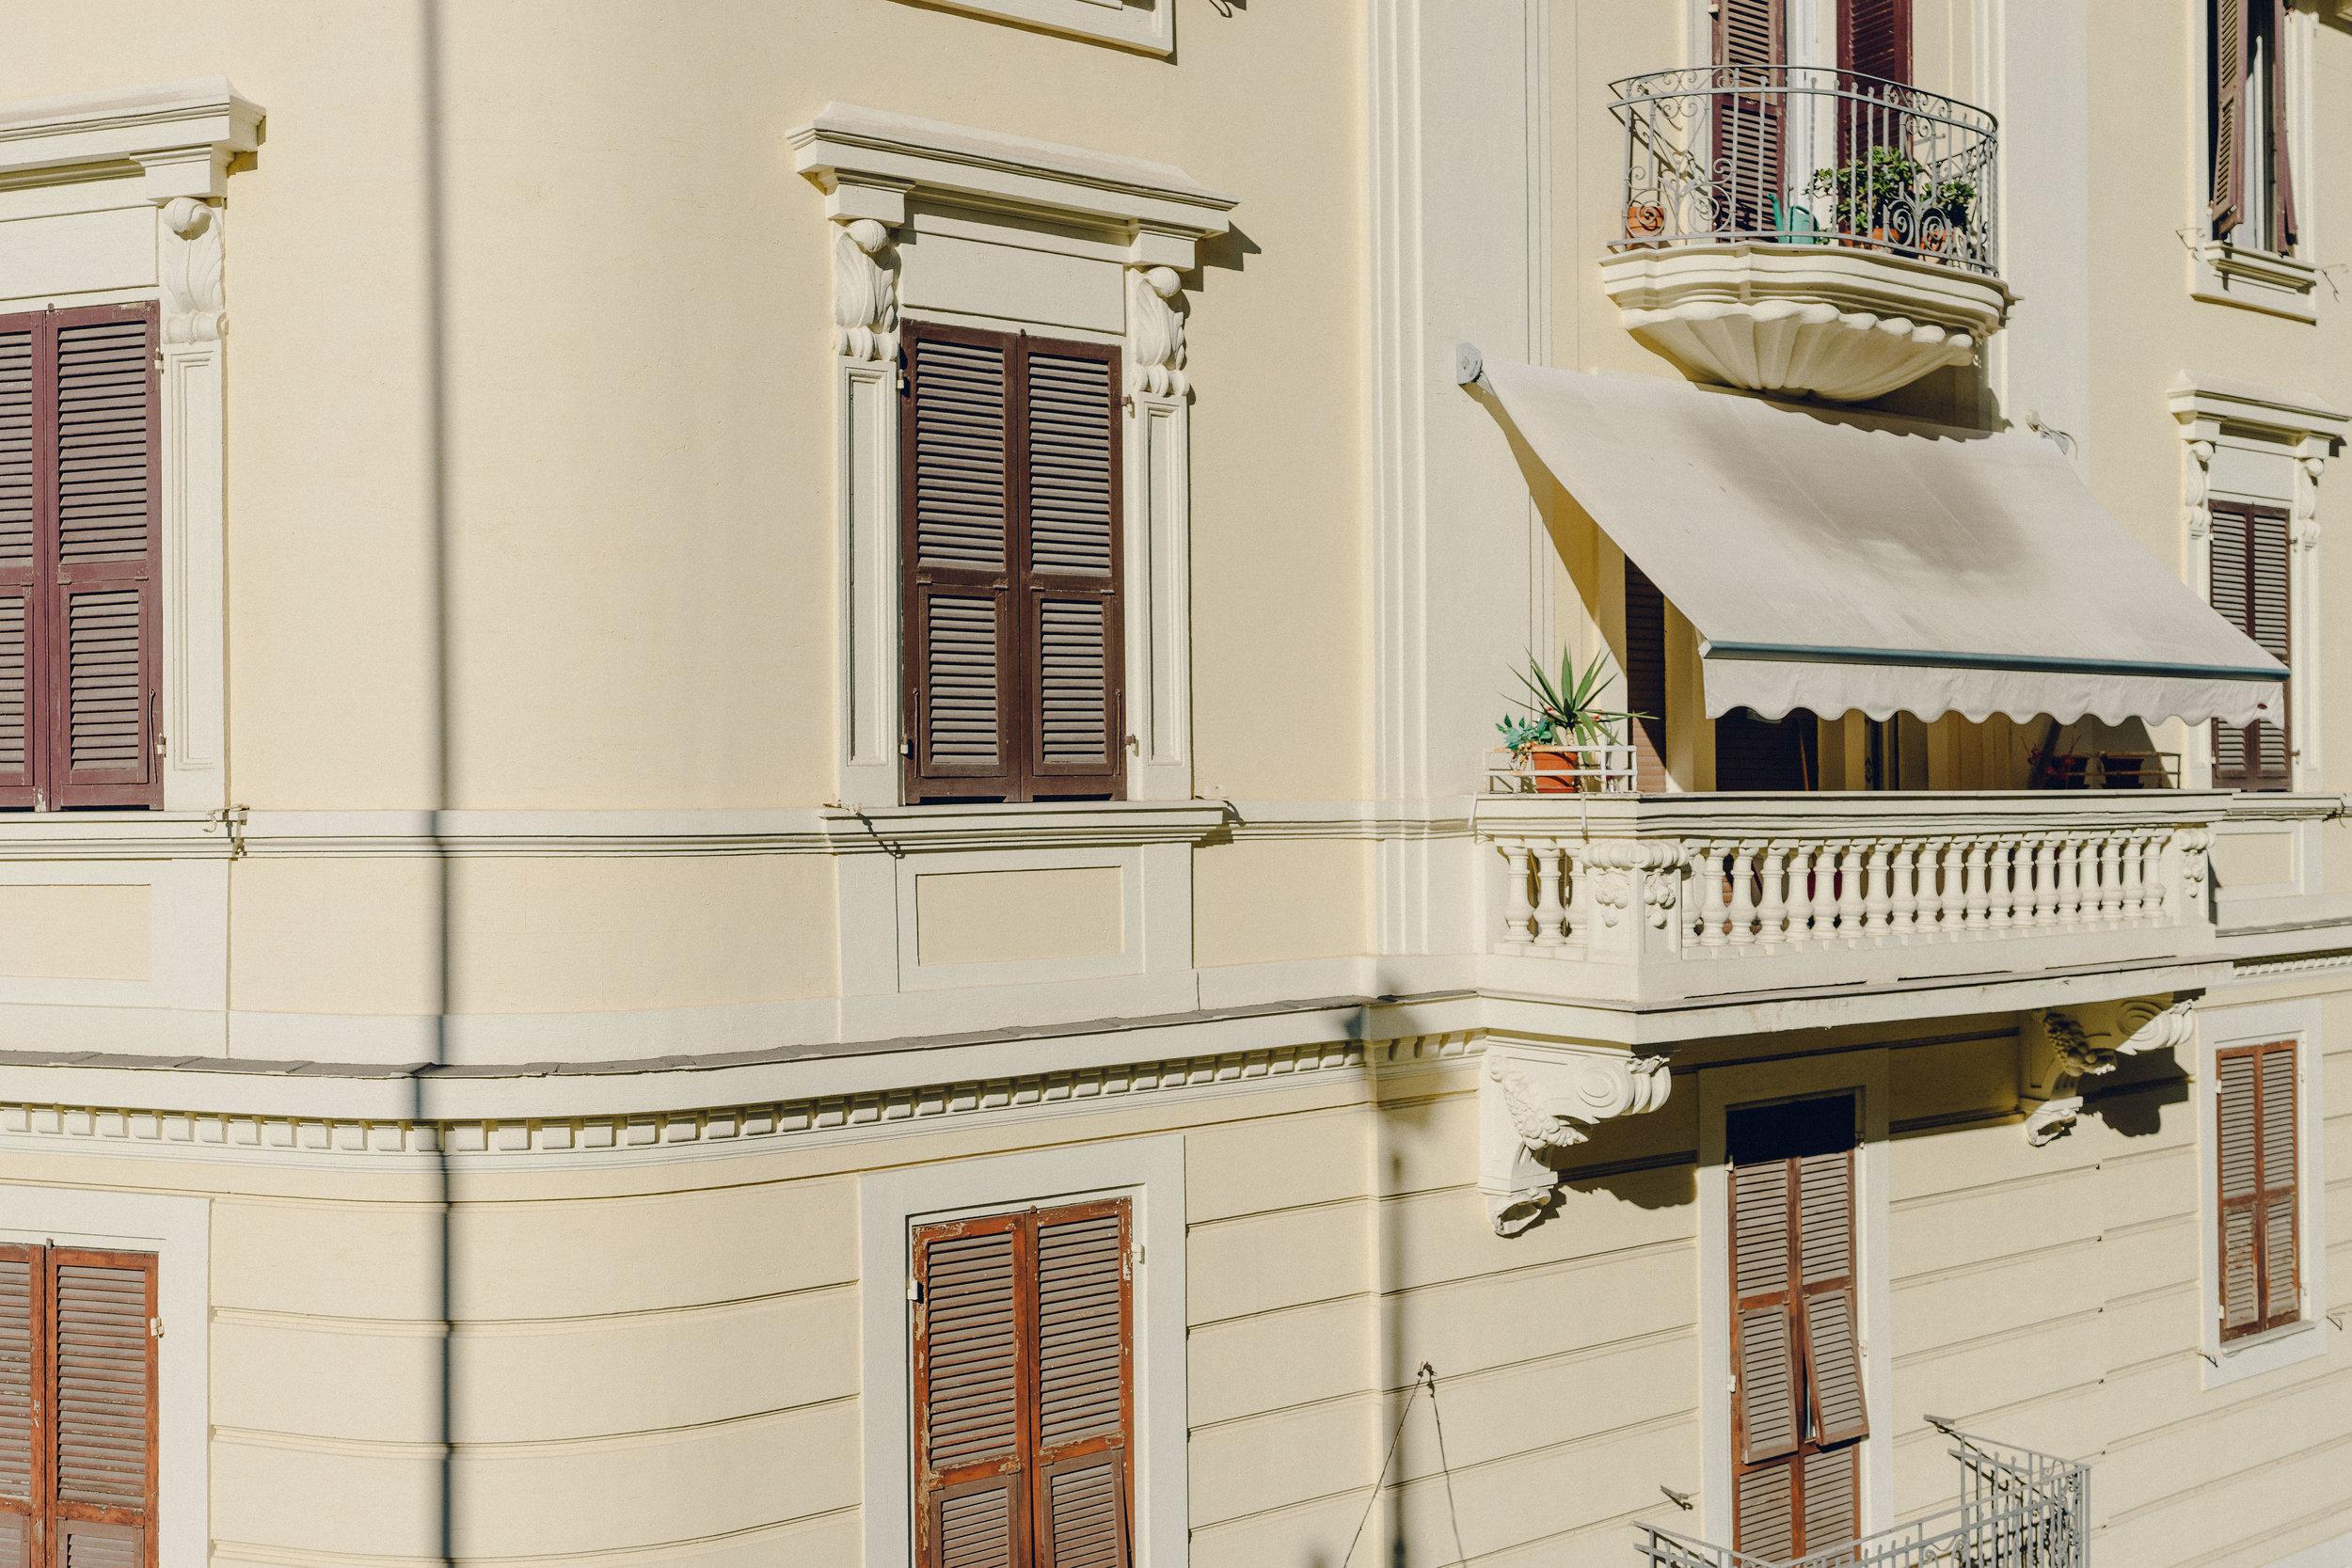 ASROSENVINGE_Roadtrip_Italy_Cinque_Terre-07919.jpg